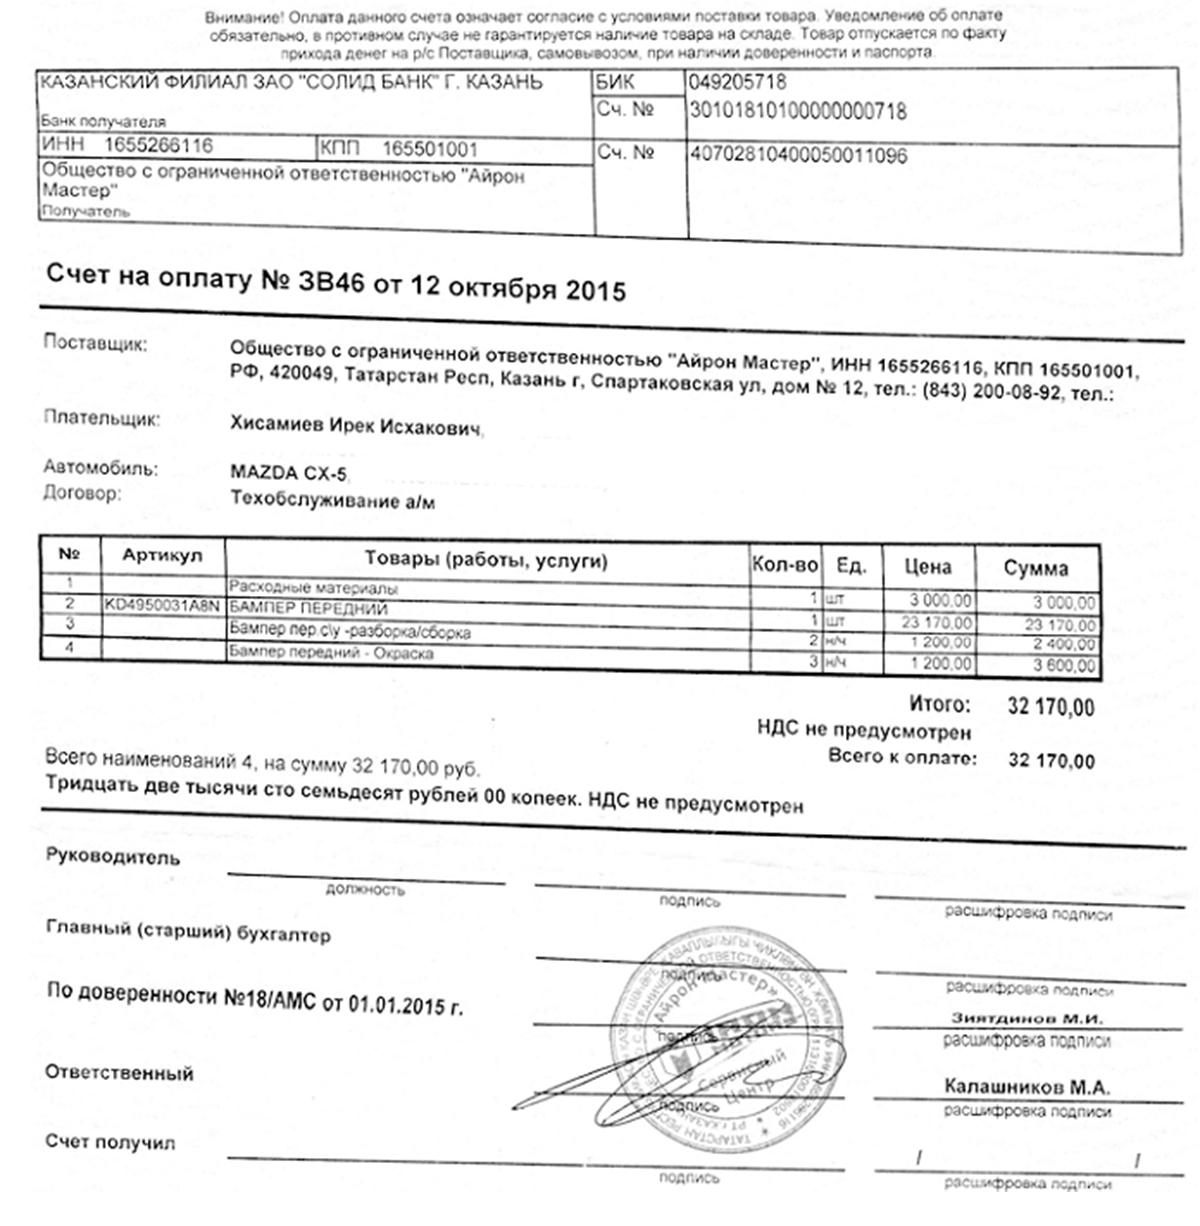 бланки заявлений жасо после травмы в поезде